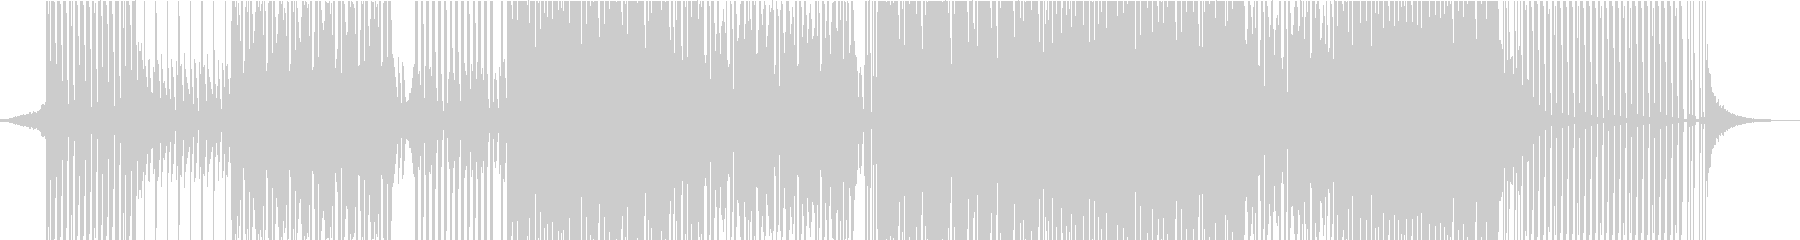 おしゃれなピアノハウスミュージックの未再生の波形